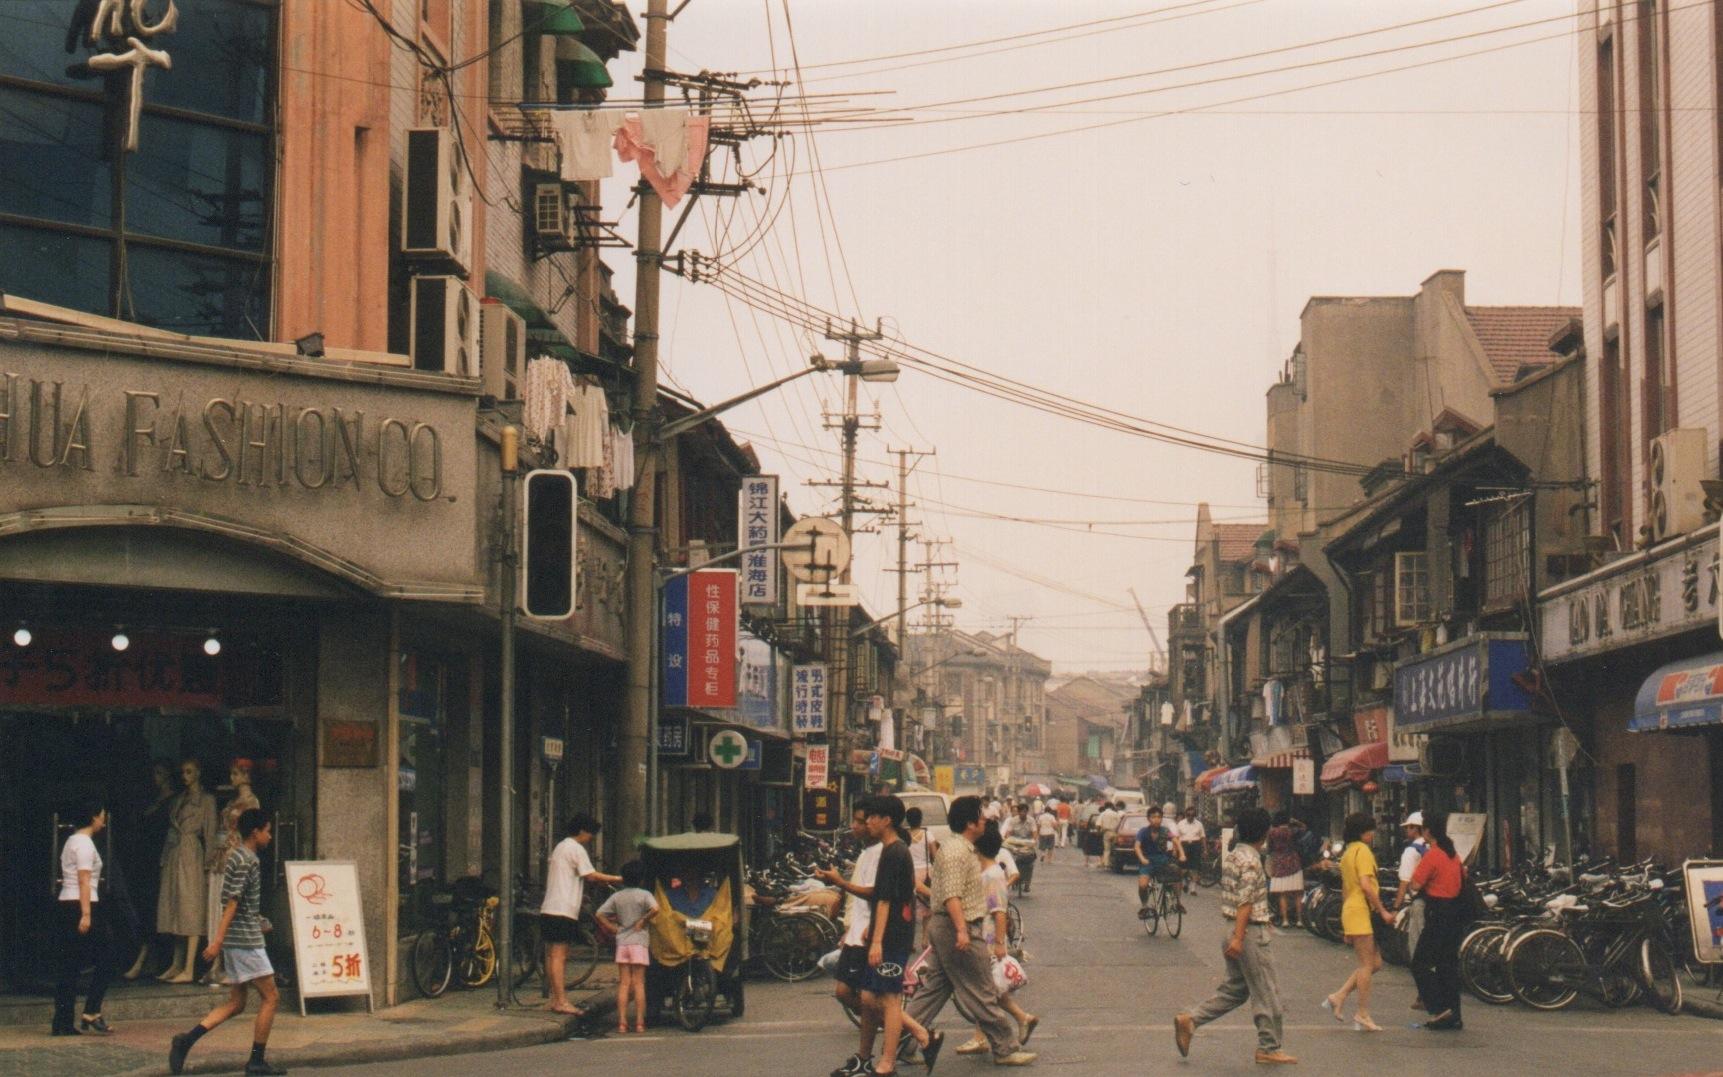 BConklin 1997 Shanghai Street Scene